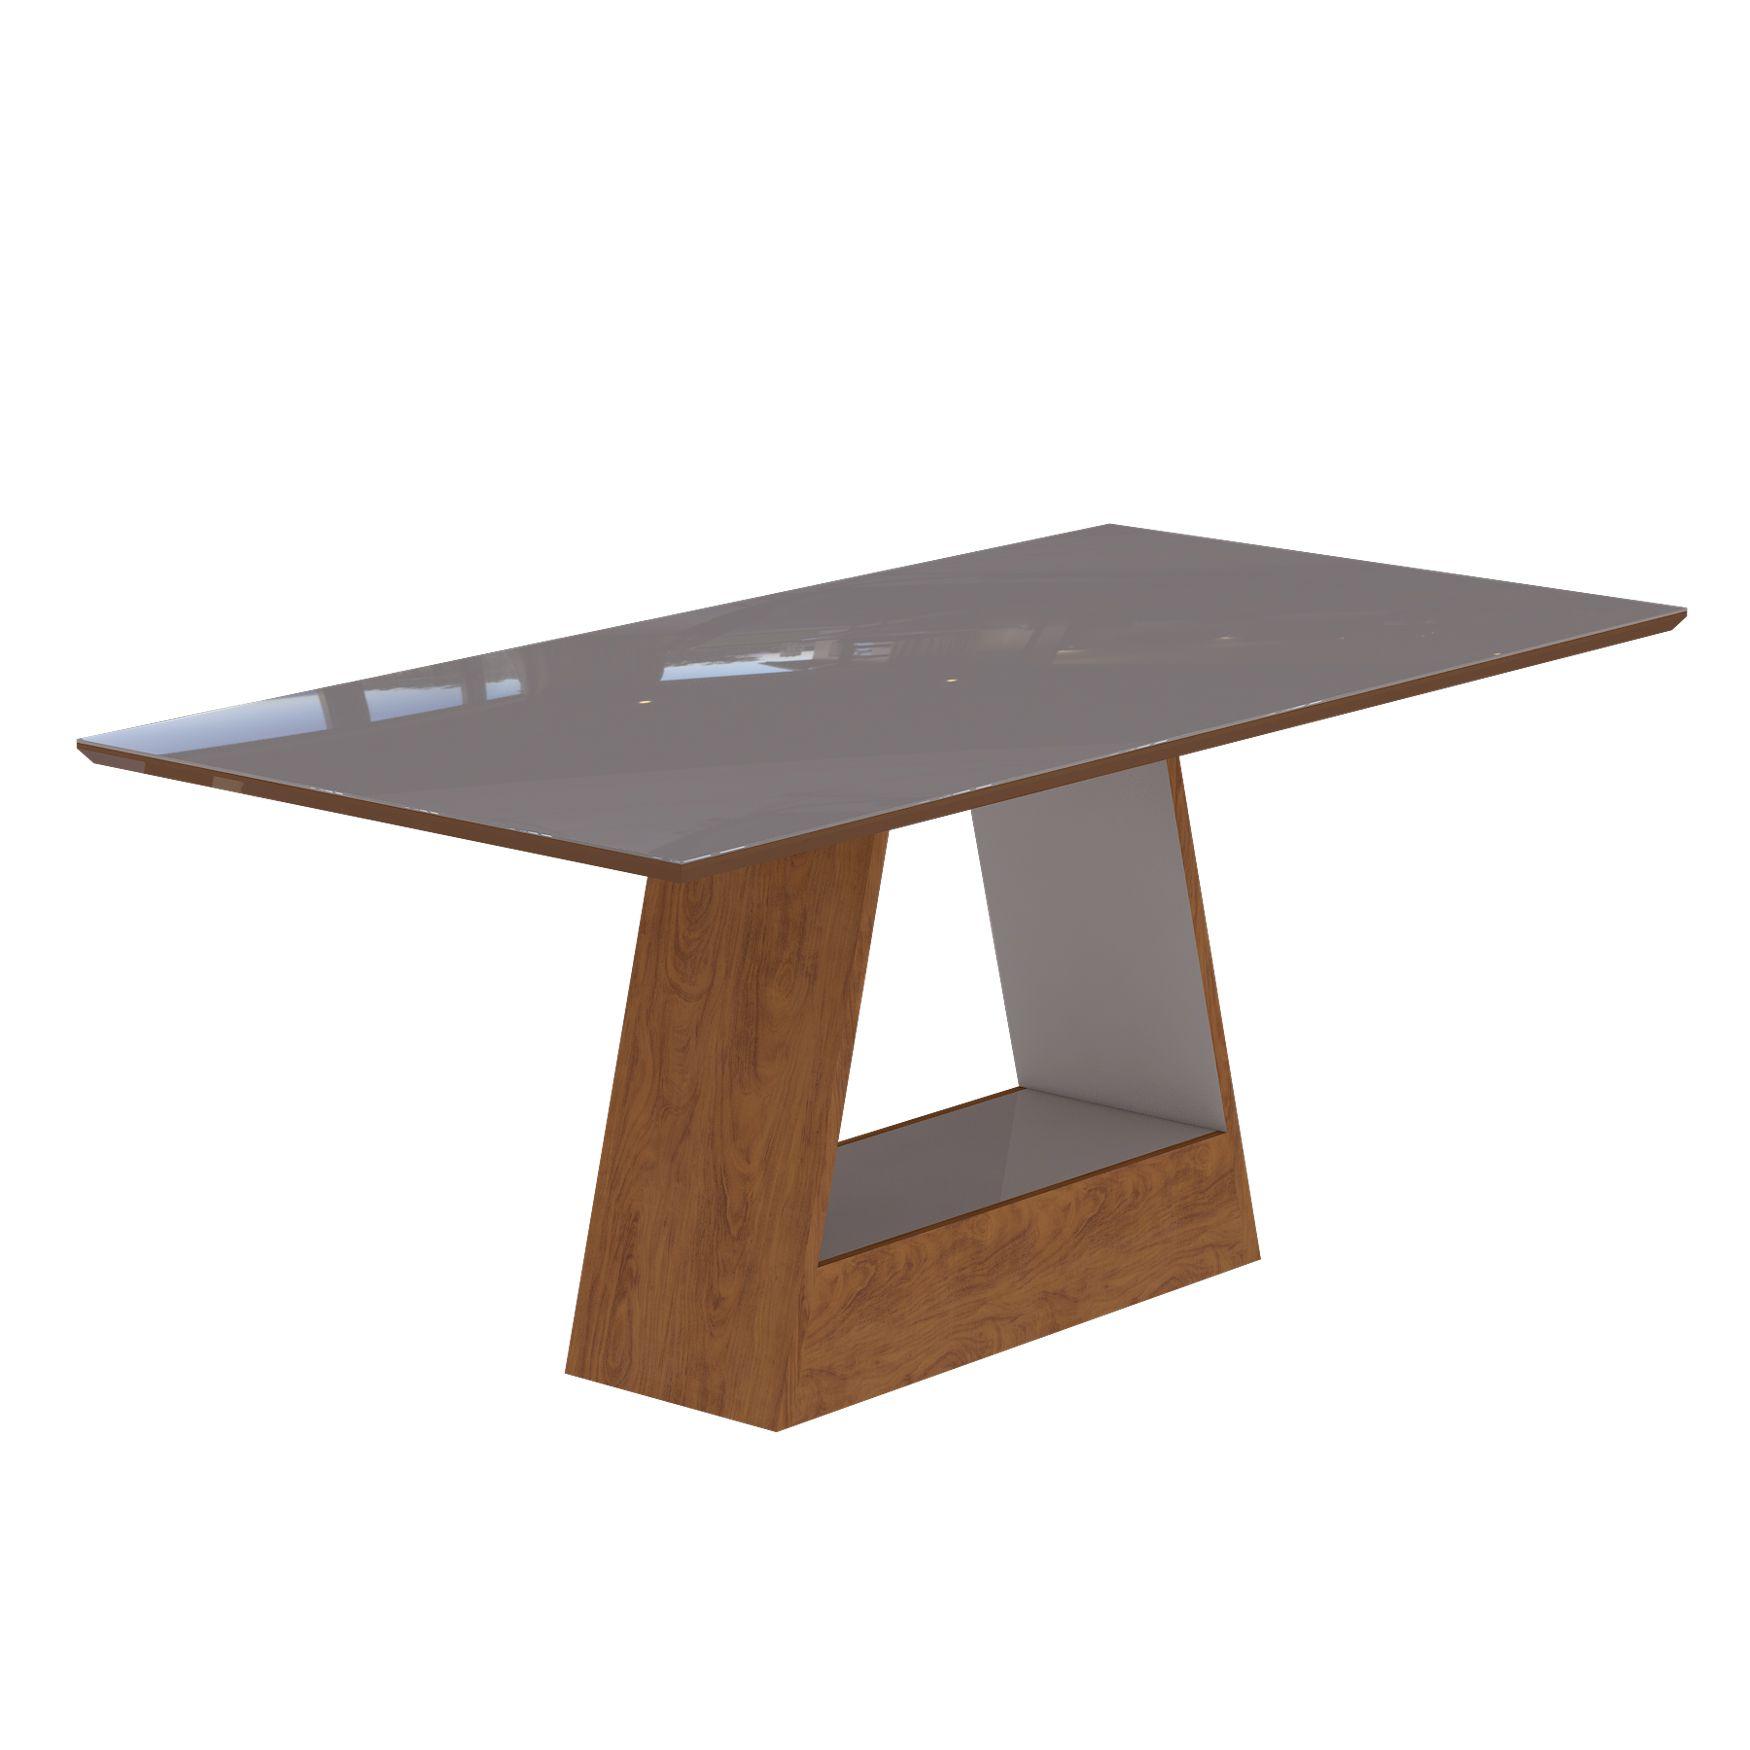 Mesa para Sala de Jantar Alana com tampo de MDF/vidro 180 cm Cimol Savana/Off White